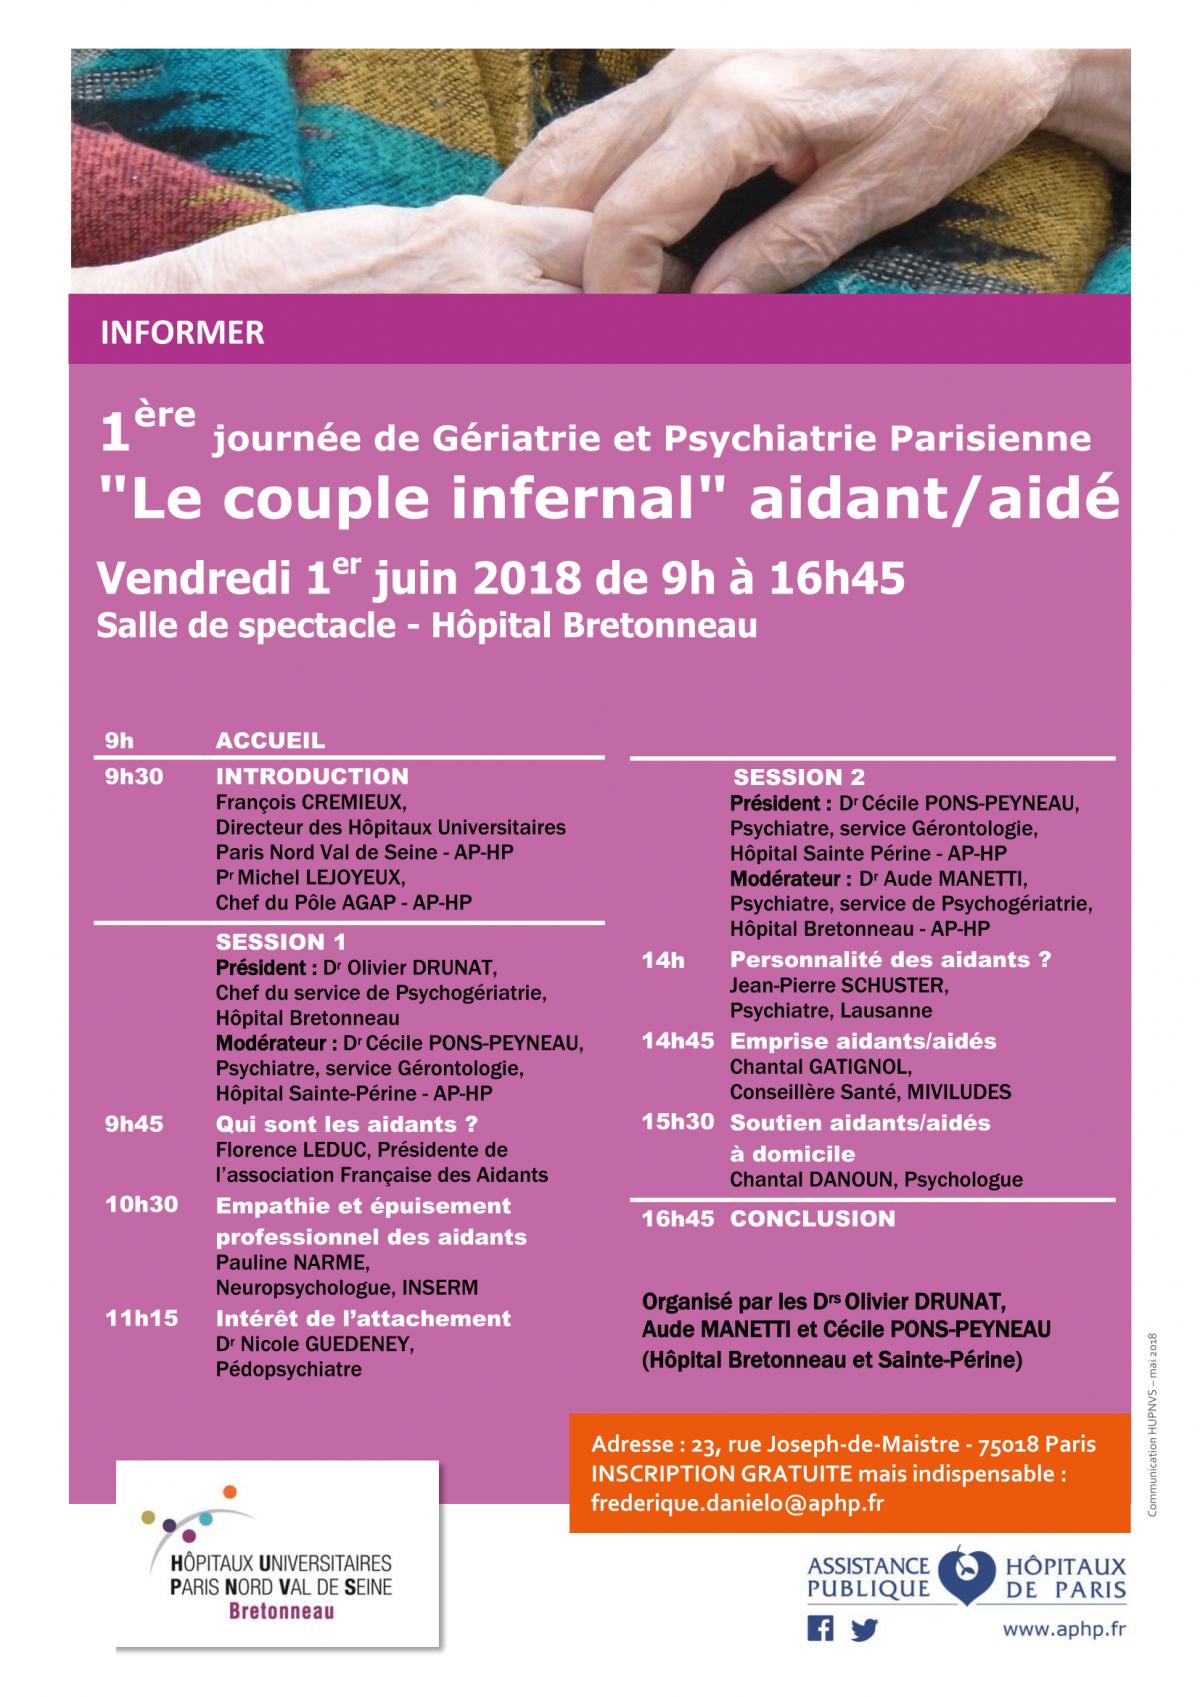 1er juin : Journée de Gériatrie et Psychiatrie Parisienne sur les aidants/aidés